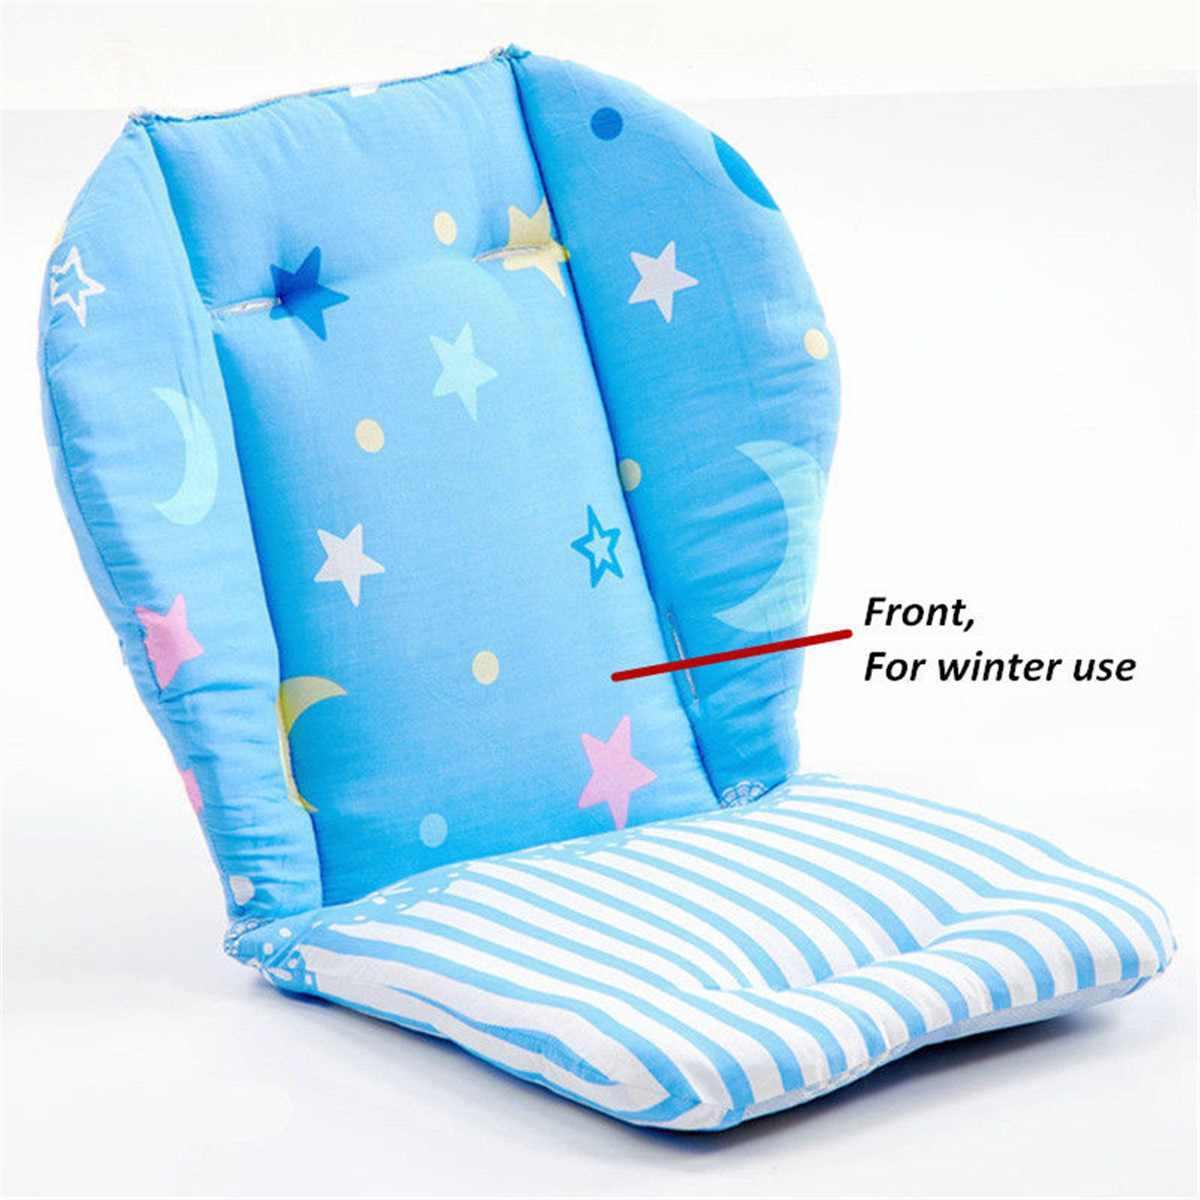 Cadeira Elevada do bebê Tapetes Almofadas Capa de Almofada Crianças Crianças Impulsionador Cadeira de Alimentação Almofada Stroller Seat Cushion Tecidos de Algodão Puro